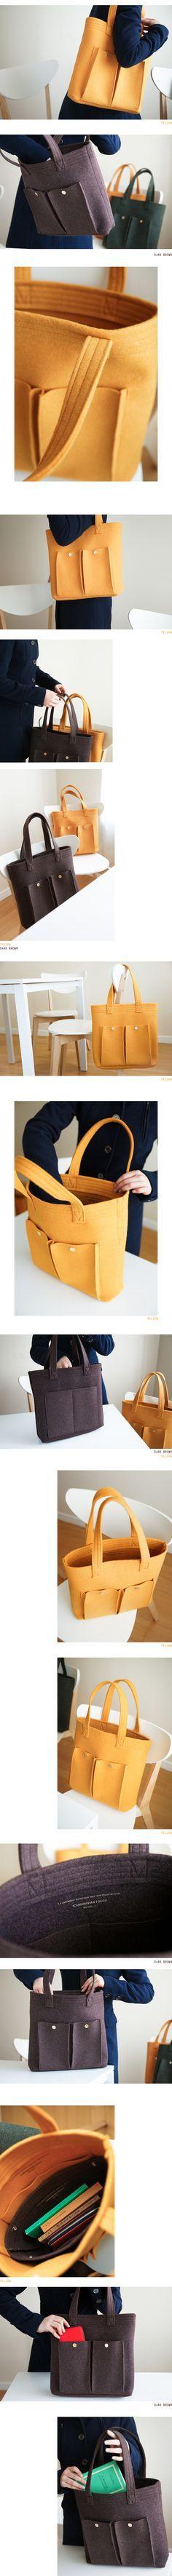 Эко-сумка из войлока Scandinavian Touch. Полностью переворачивает представление о ручной работе: ровная строчка, фирменные заплепки, никаких катышков и неаккуратно…